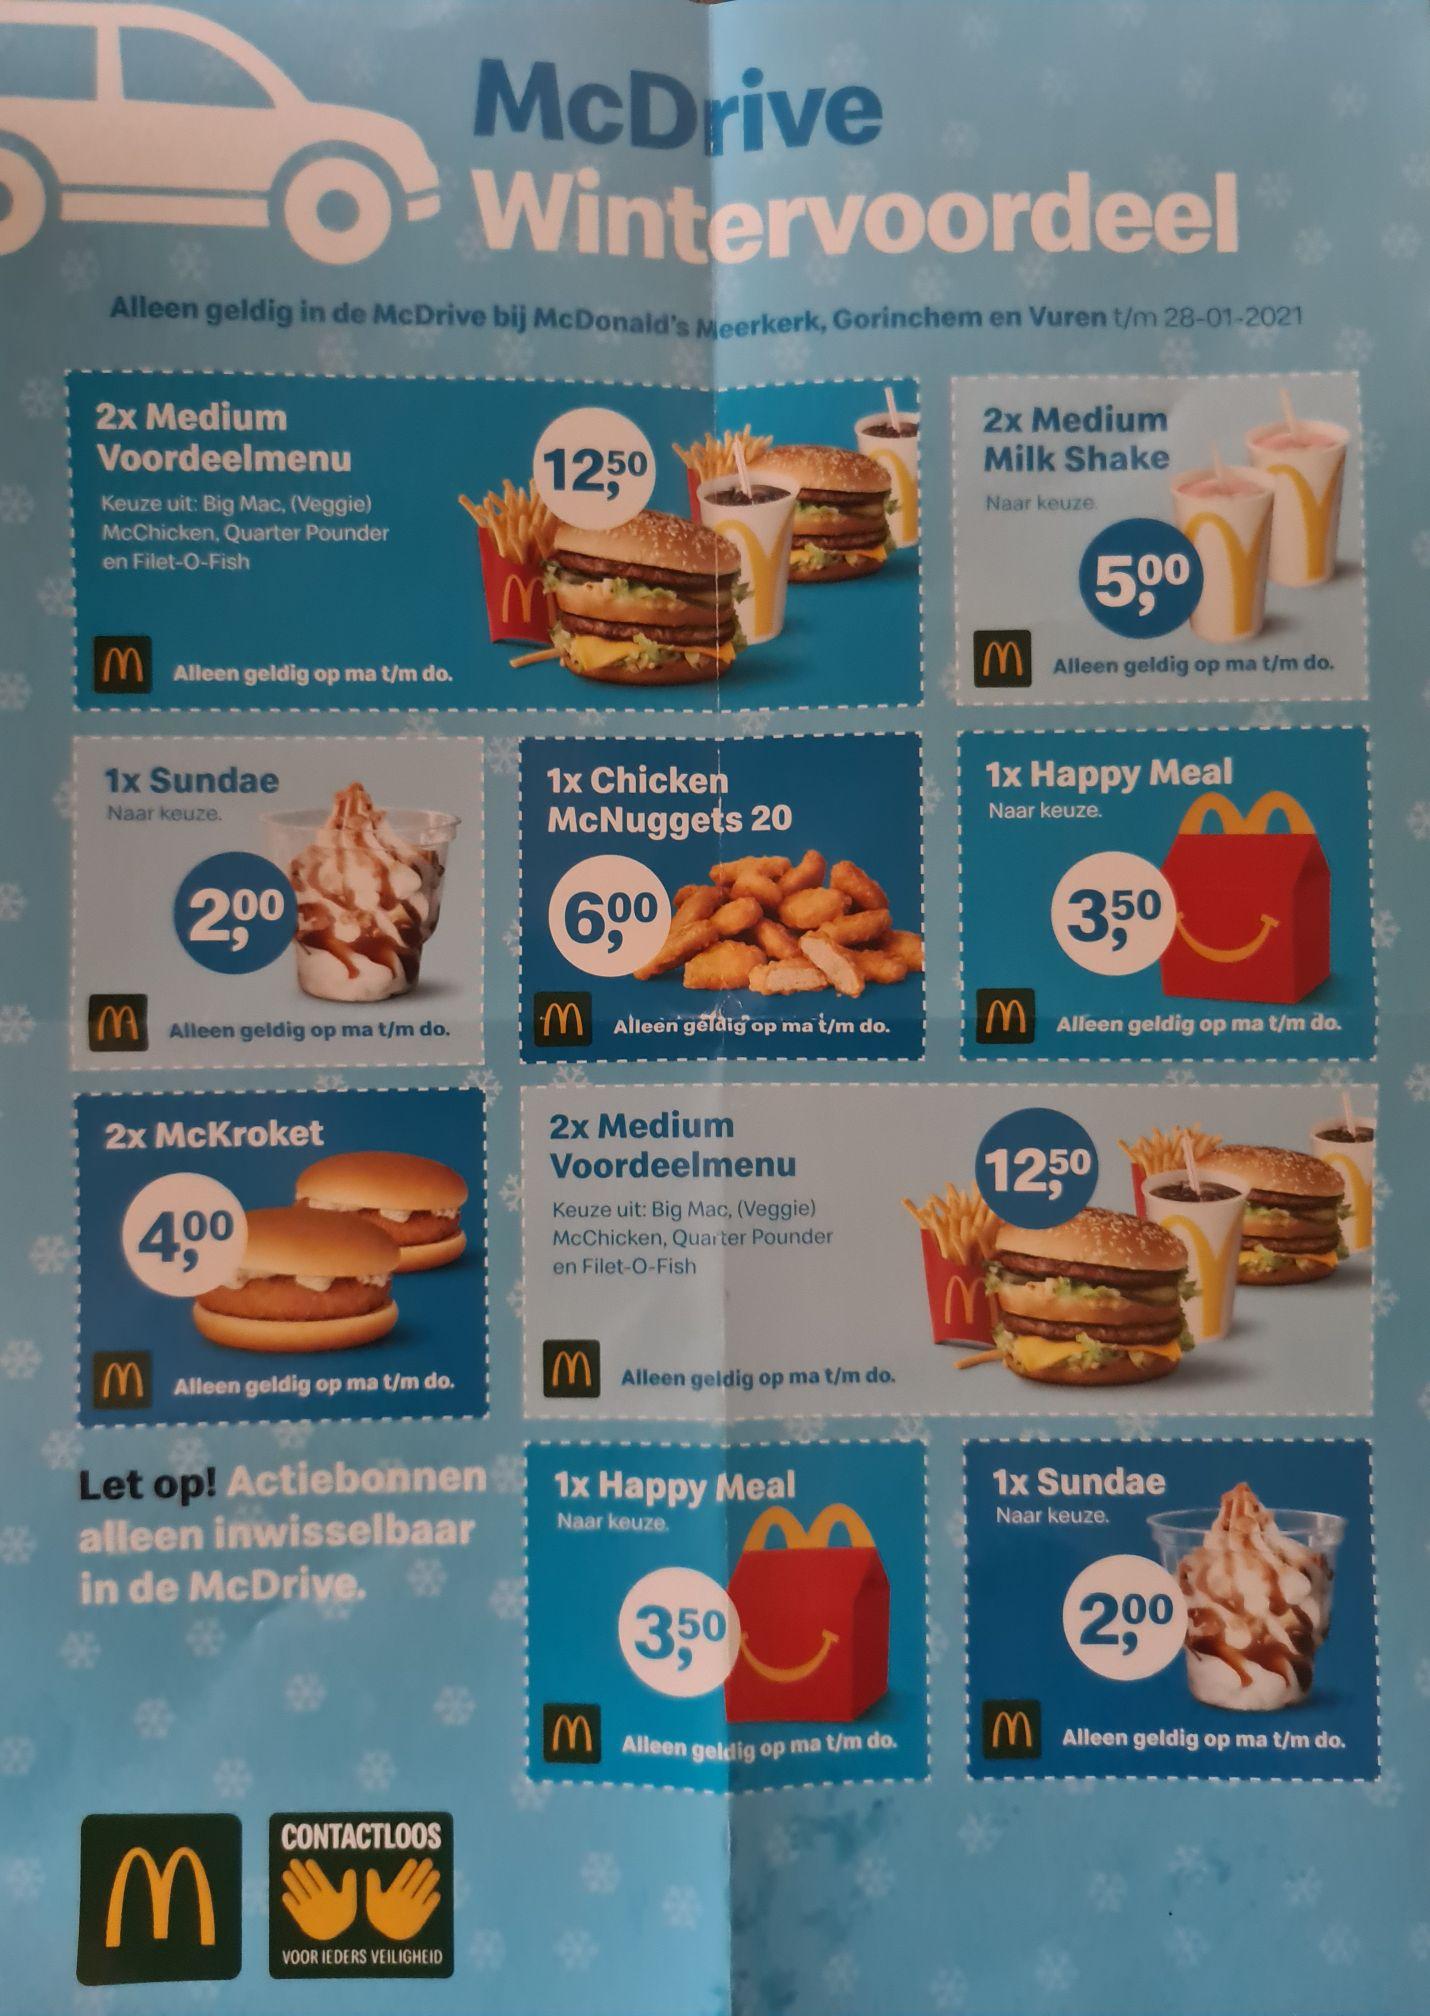 McDonald's Kortingsbonnen voor Mcdrive Meerkerk, Gorinchem Vuren,